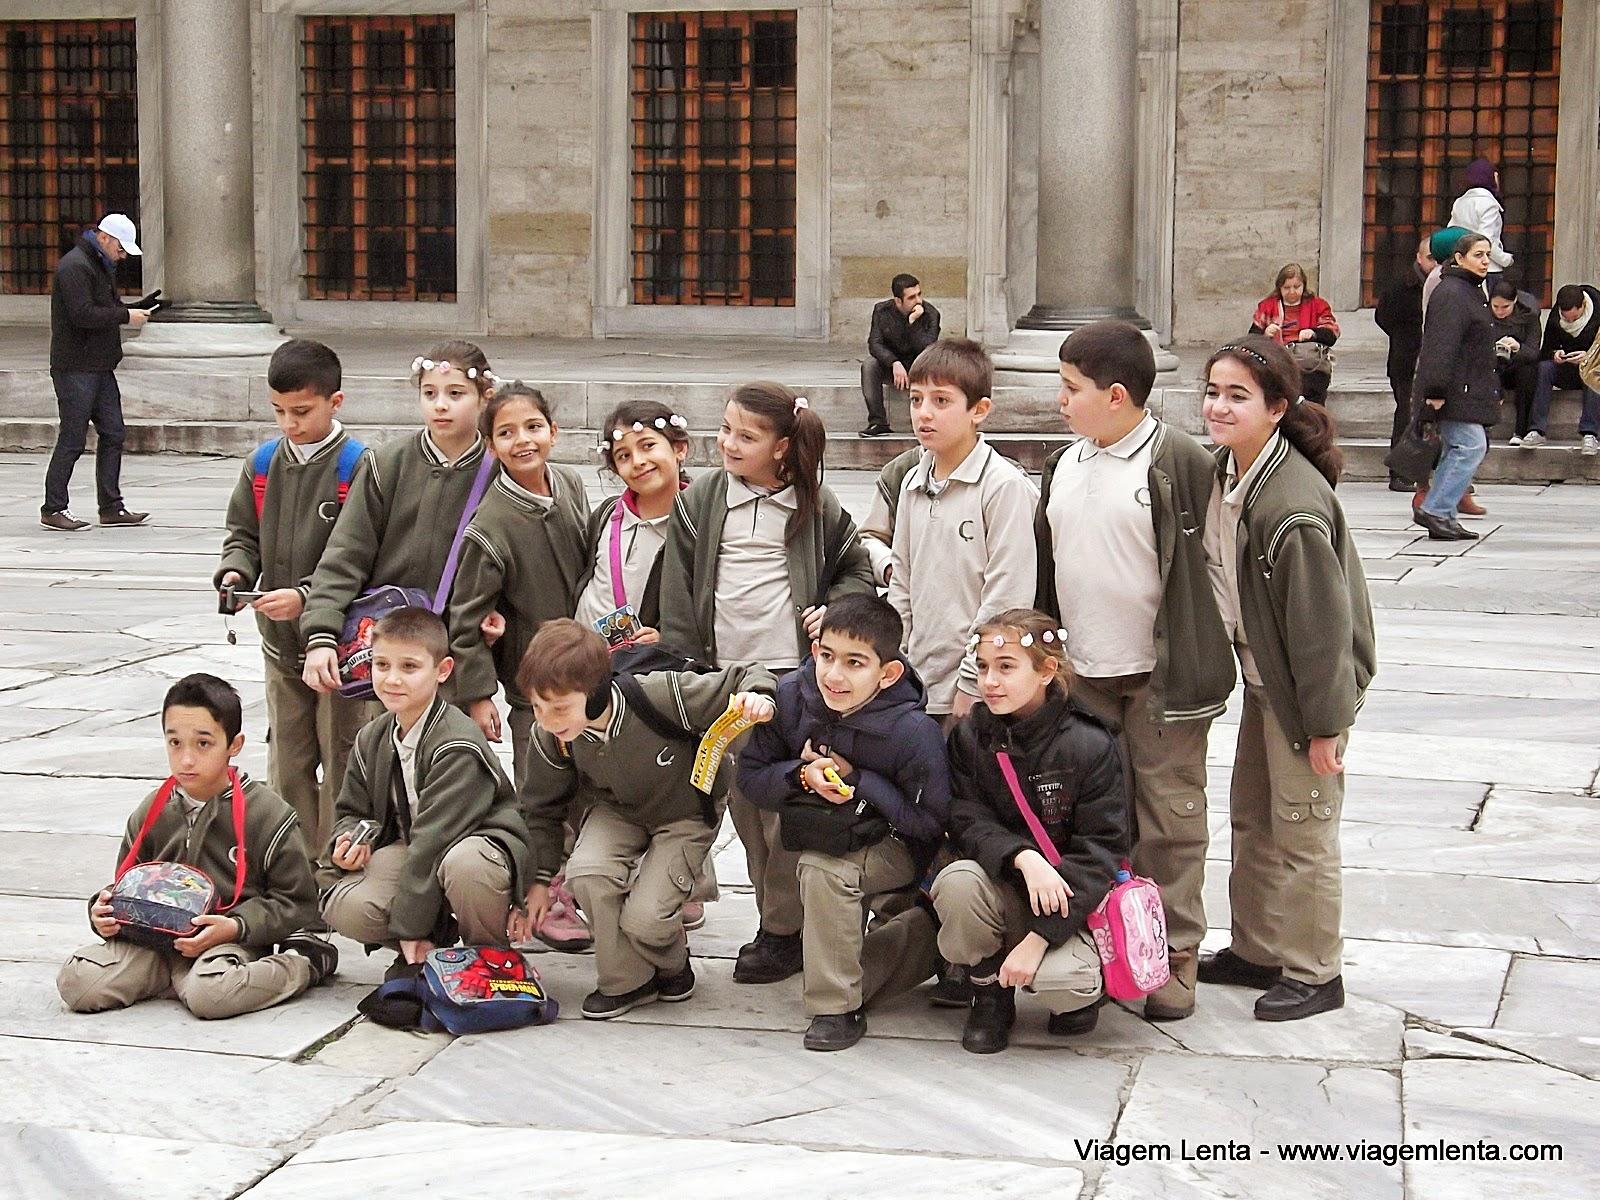 Relato da viagem em Istambul, uma incrível cidade, europeia e asiática, e maravilhosas construções como a Hagia Sophia, a Mesquita Azul e o Palácio Topkapi. Ponte Gálata: os pescadores